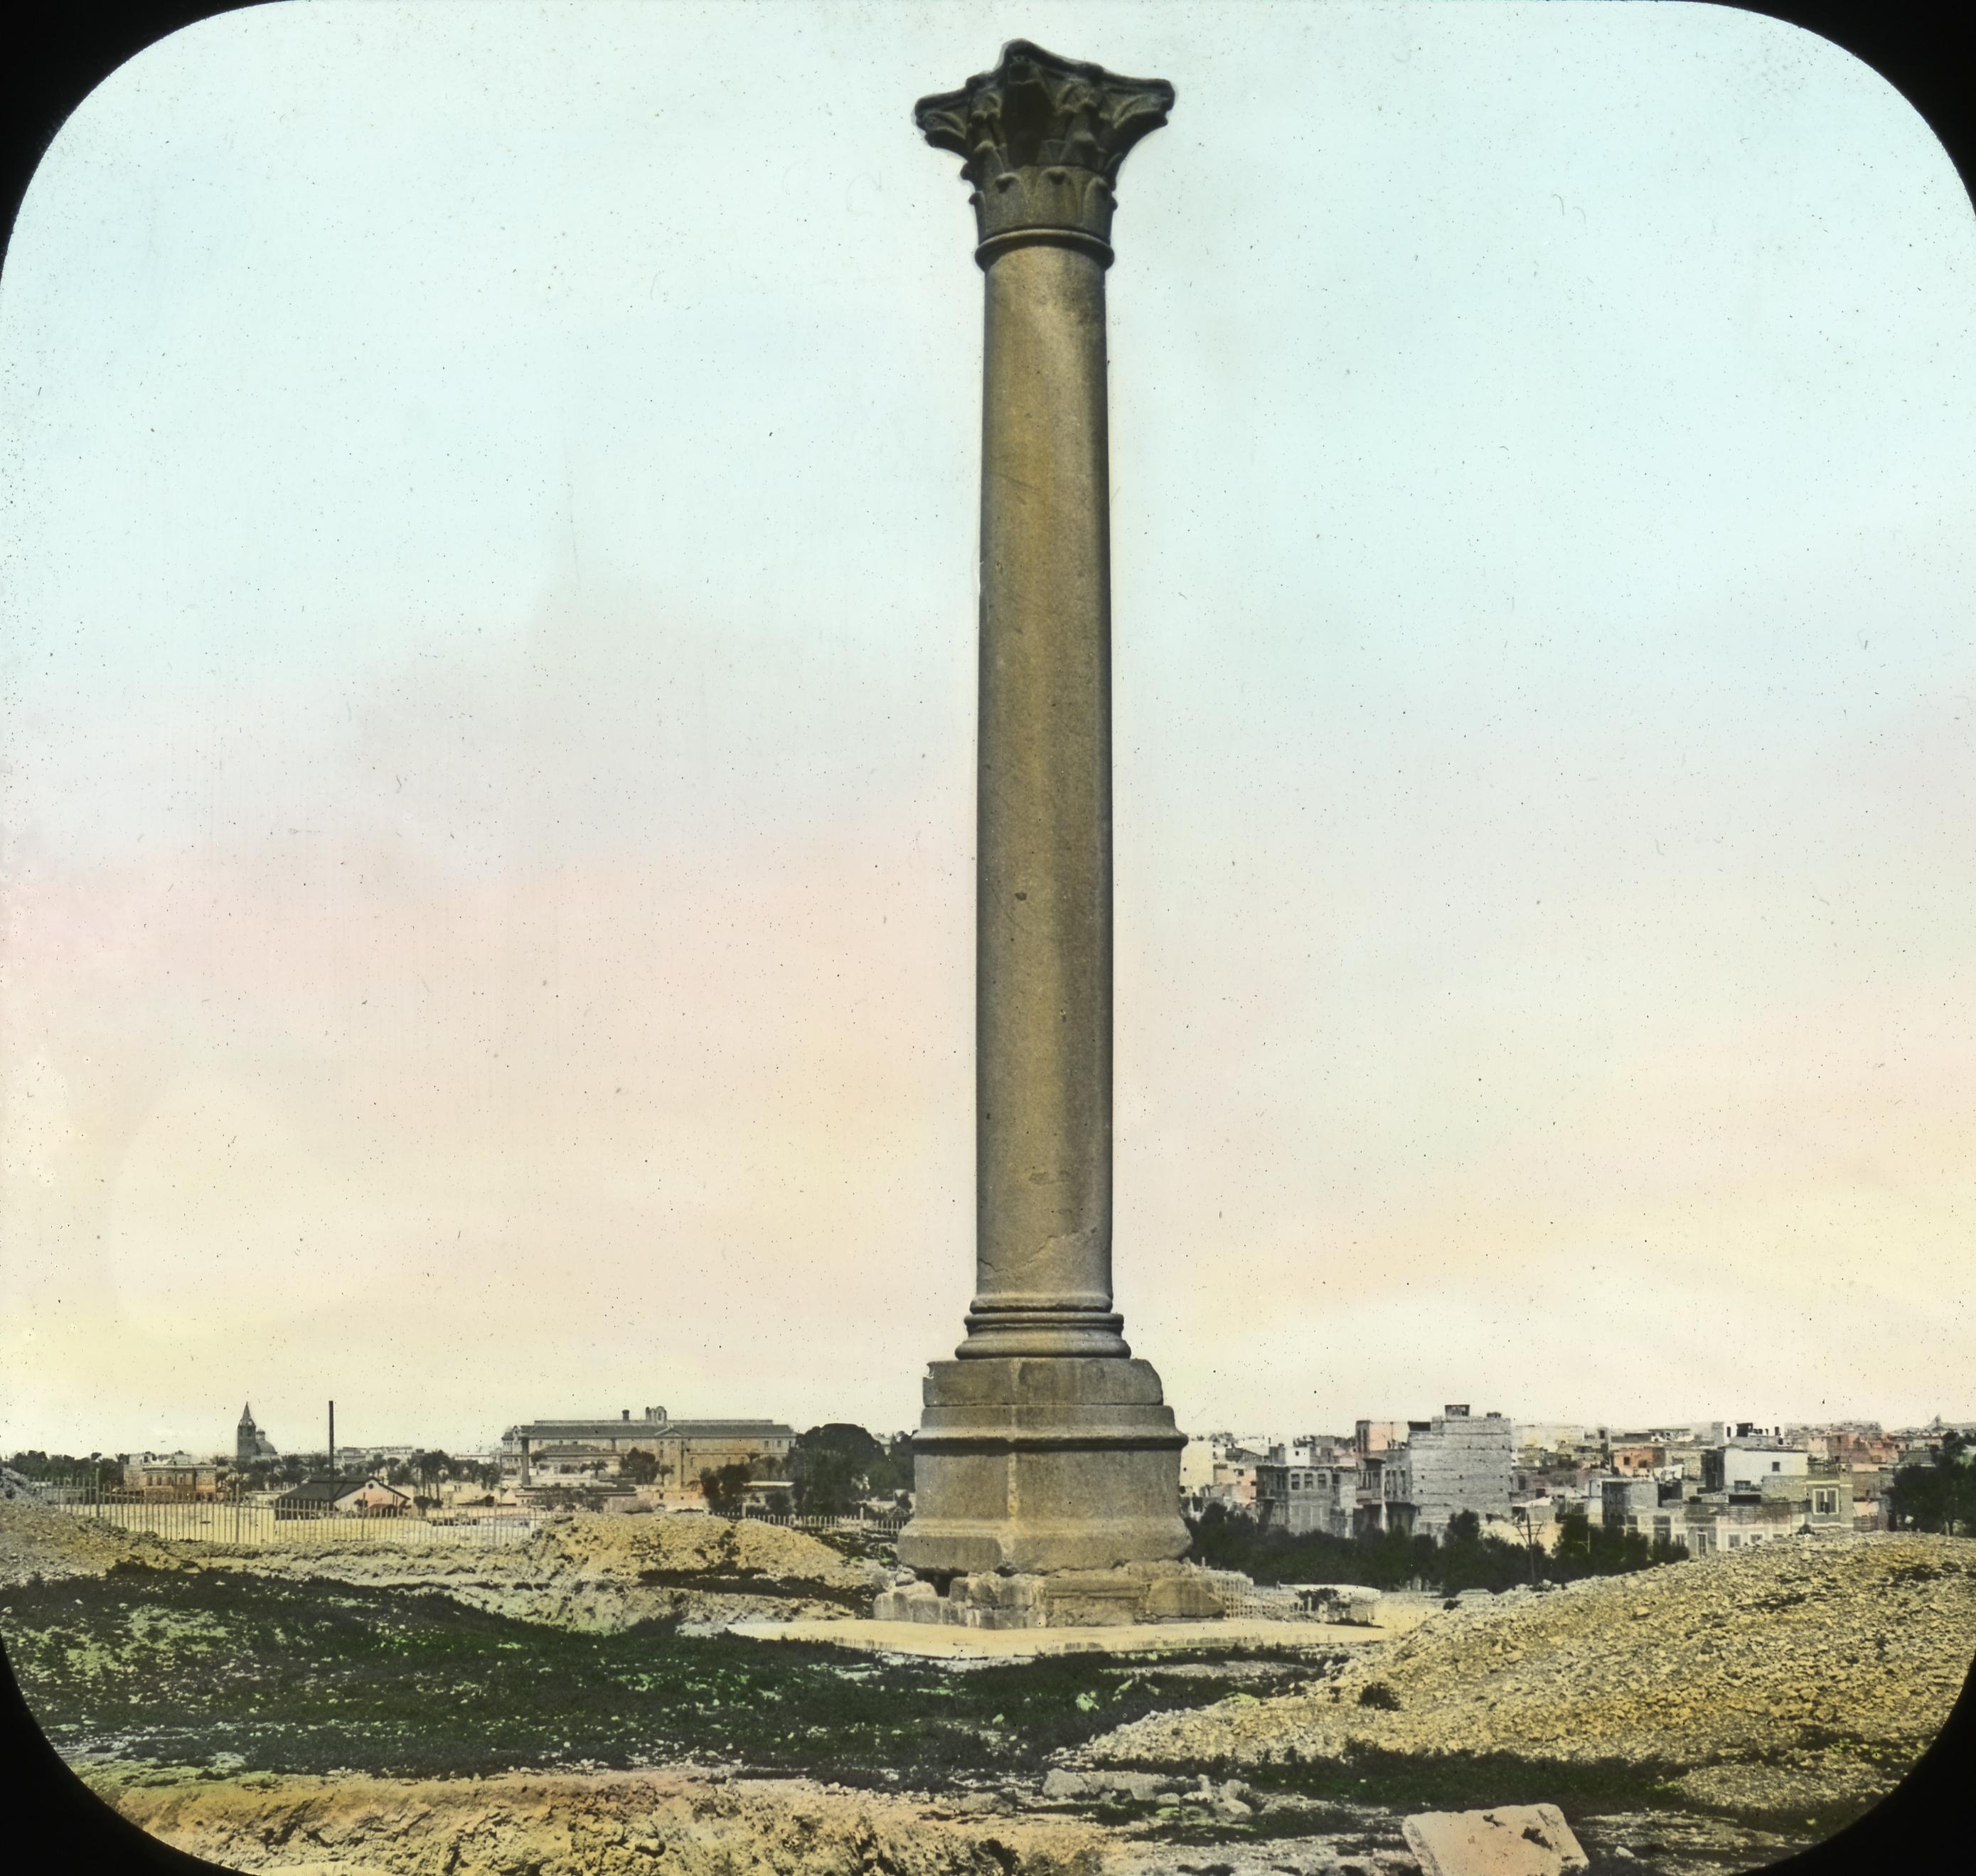 031 - Egypt - Pompey's Pillar, Alexandria.